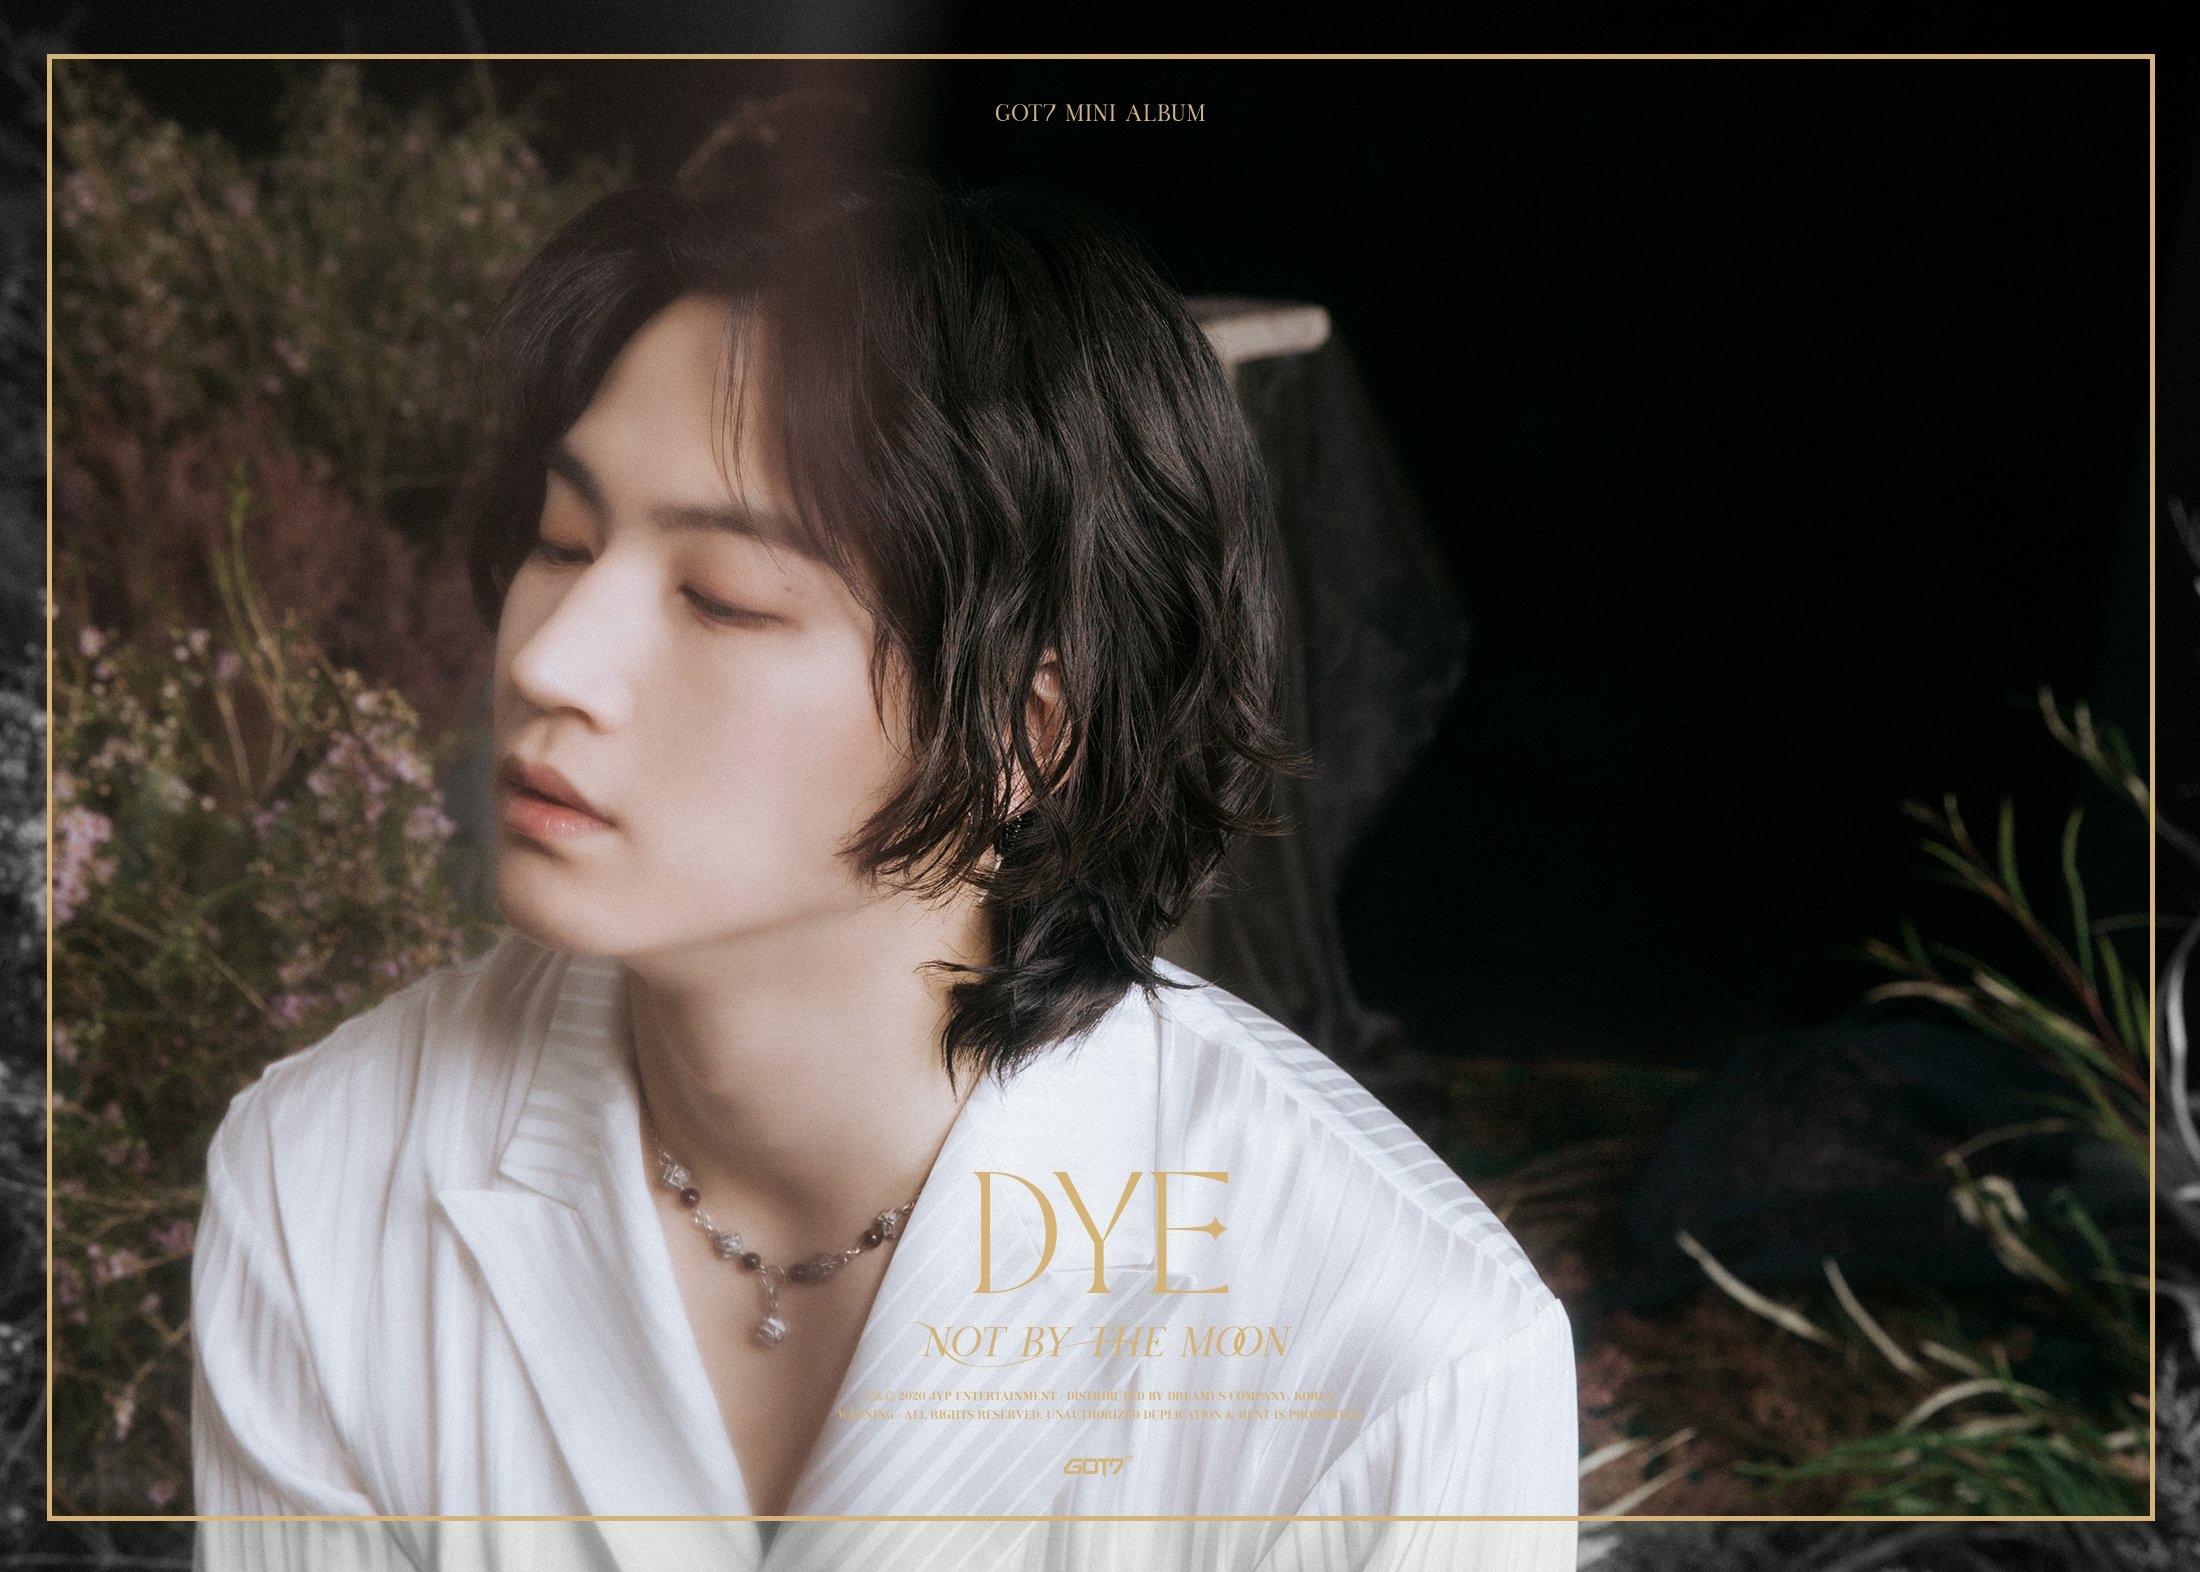 JB in the 3rd teaser image for DYE